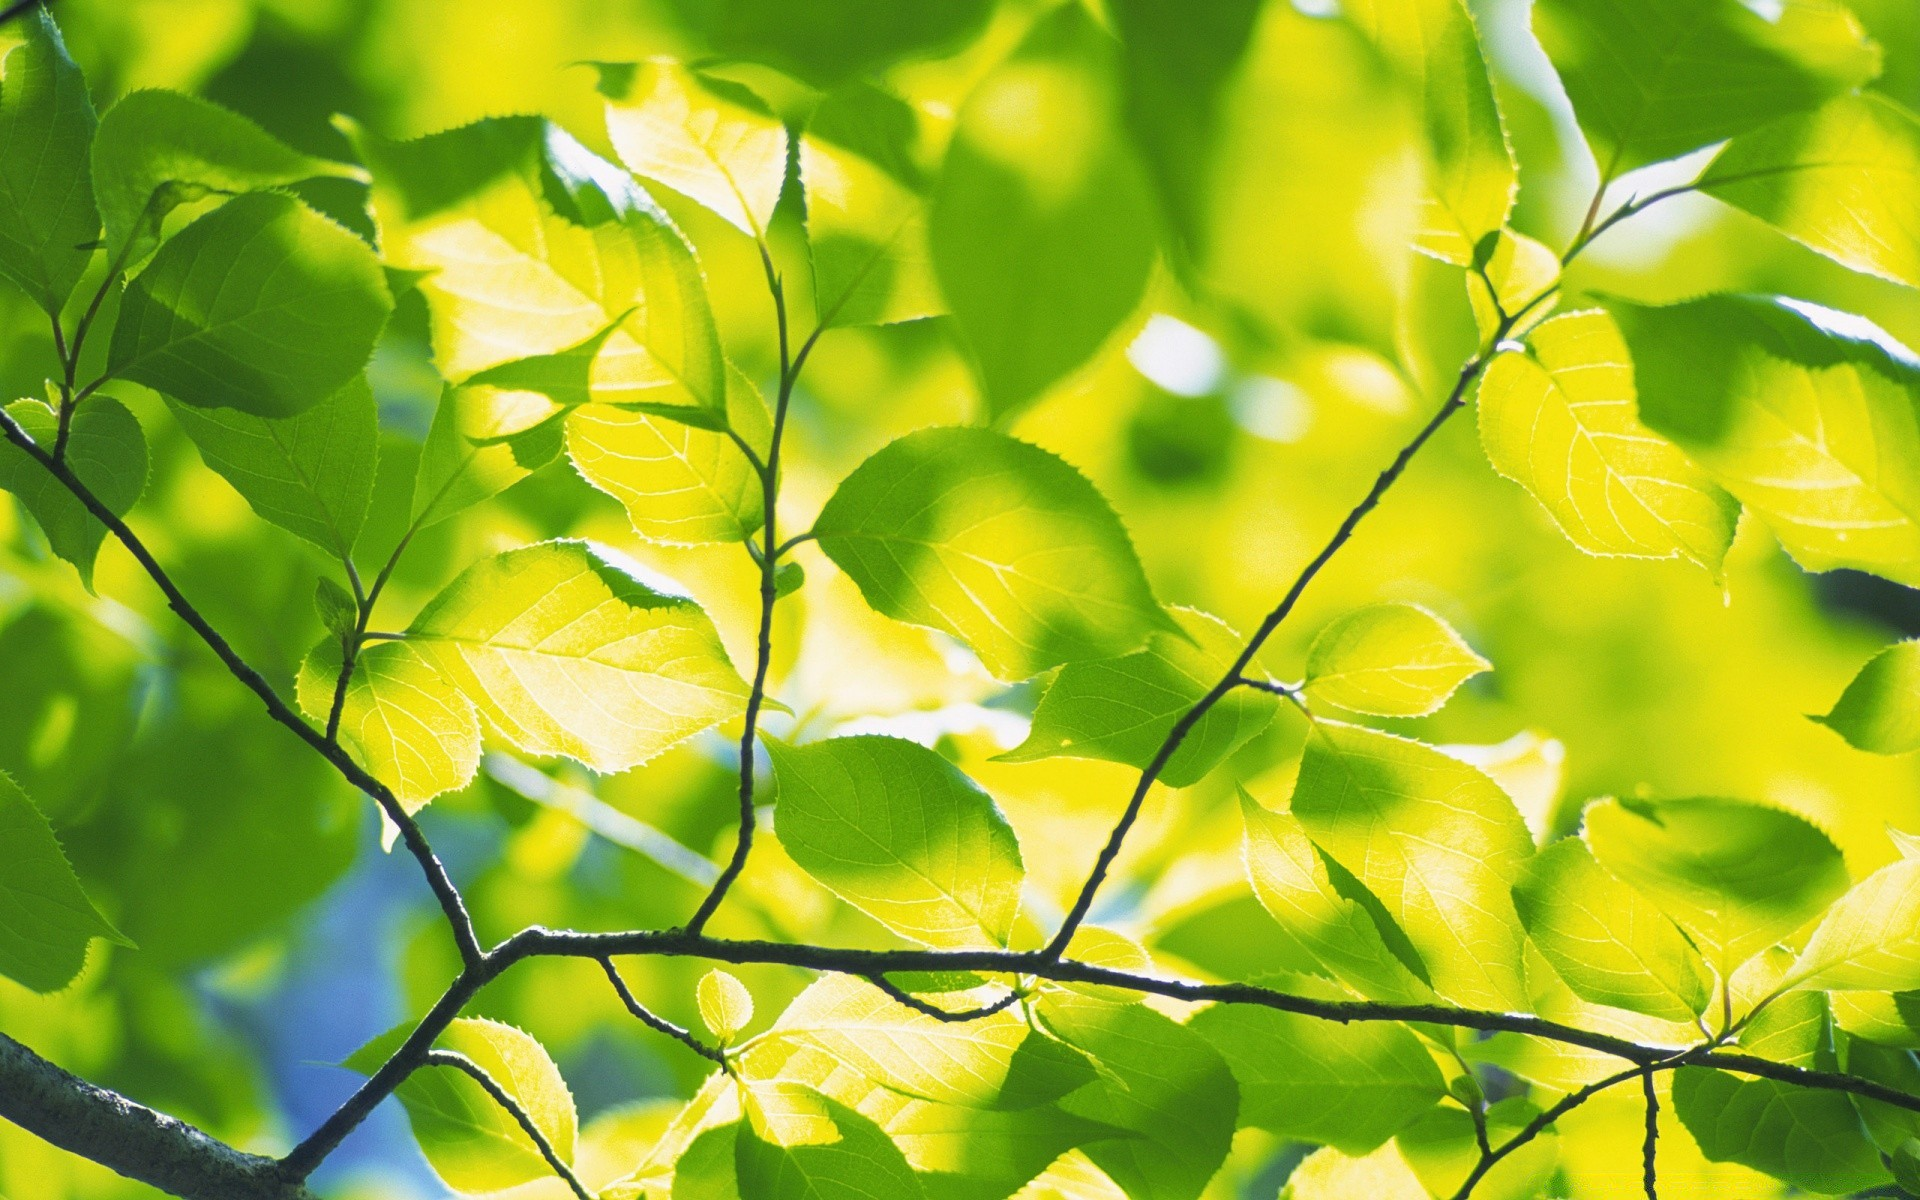 ветка с листьями  № 3792348 загрузить